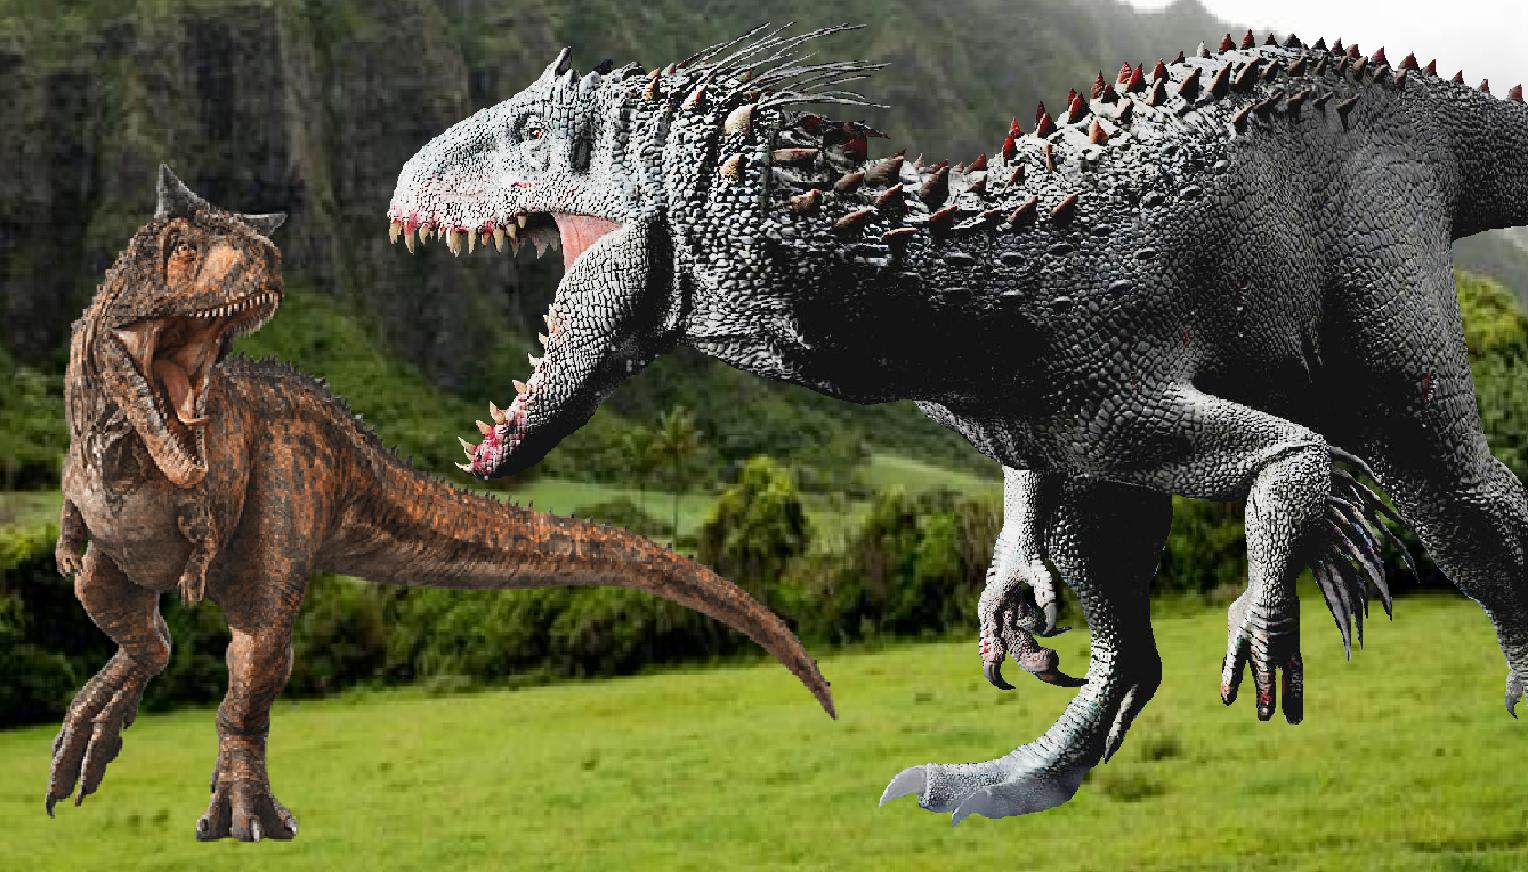 Carnotaurus Vs Indominus Rex Indominus Rex Jurassic Park World Art Reference De este dinosaurio el indominus adquirió una media superior de intelecto y una notable capacidad para interpretar situaciones y solucionar problemas. carnotaurus vs indominus rex